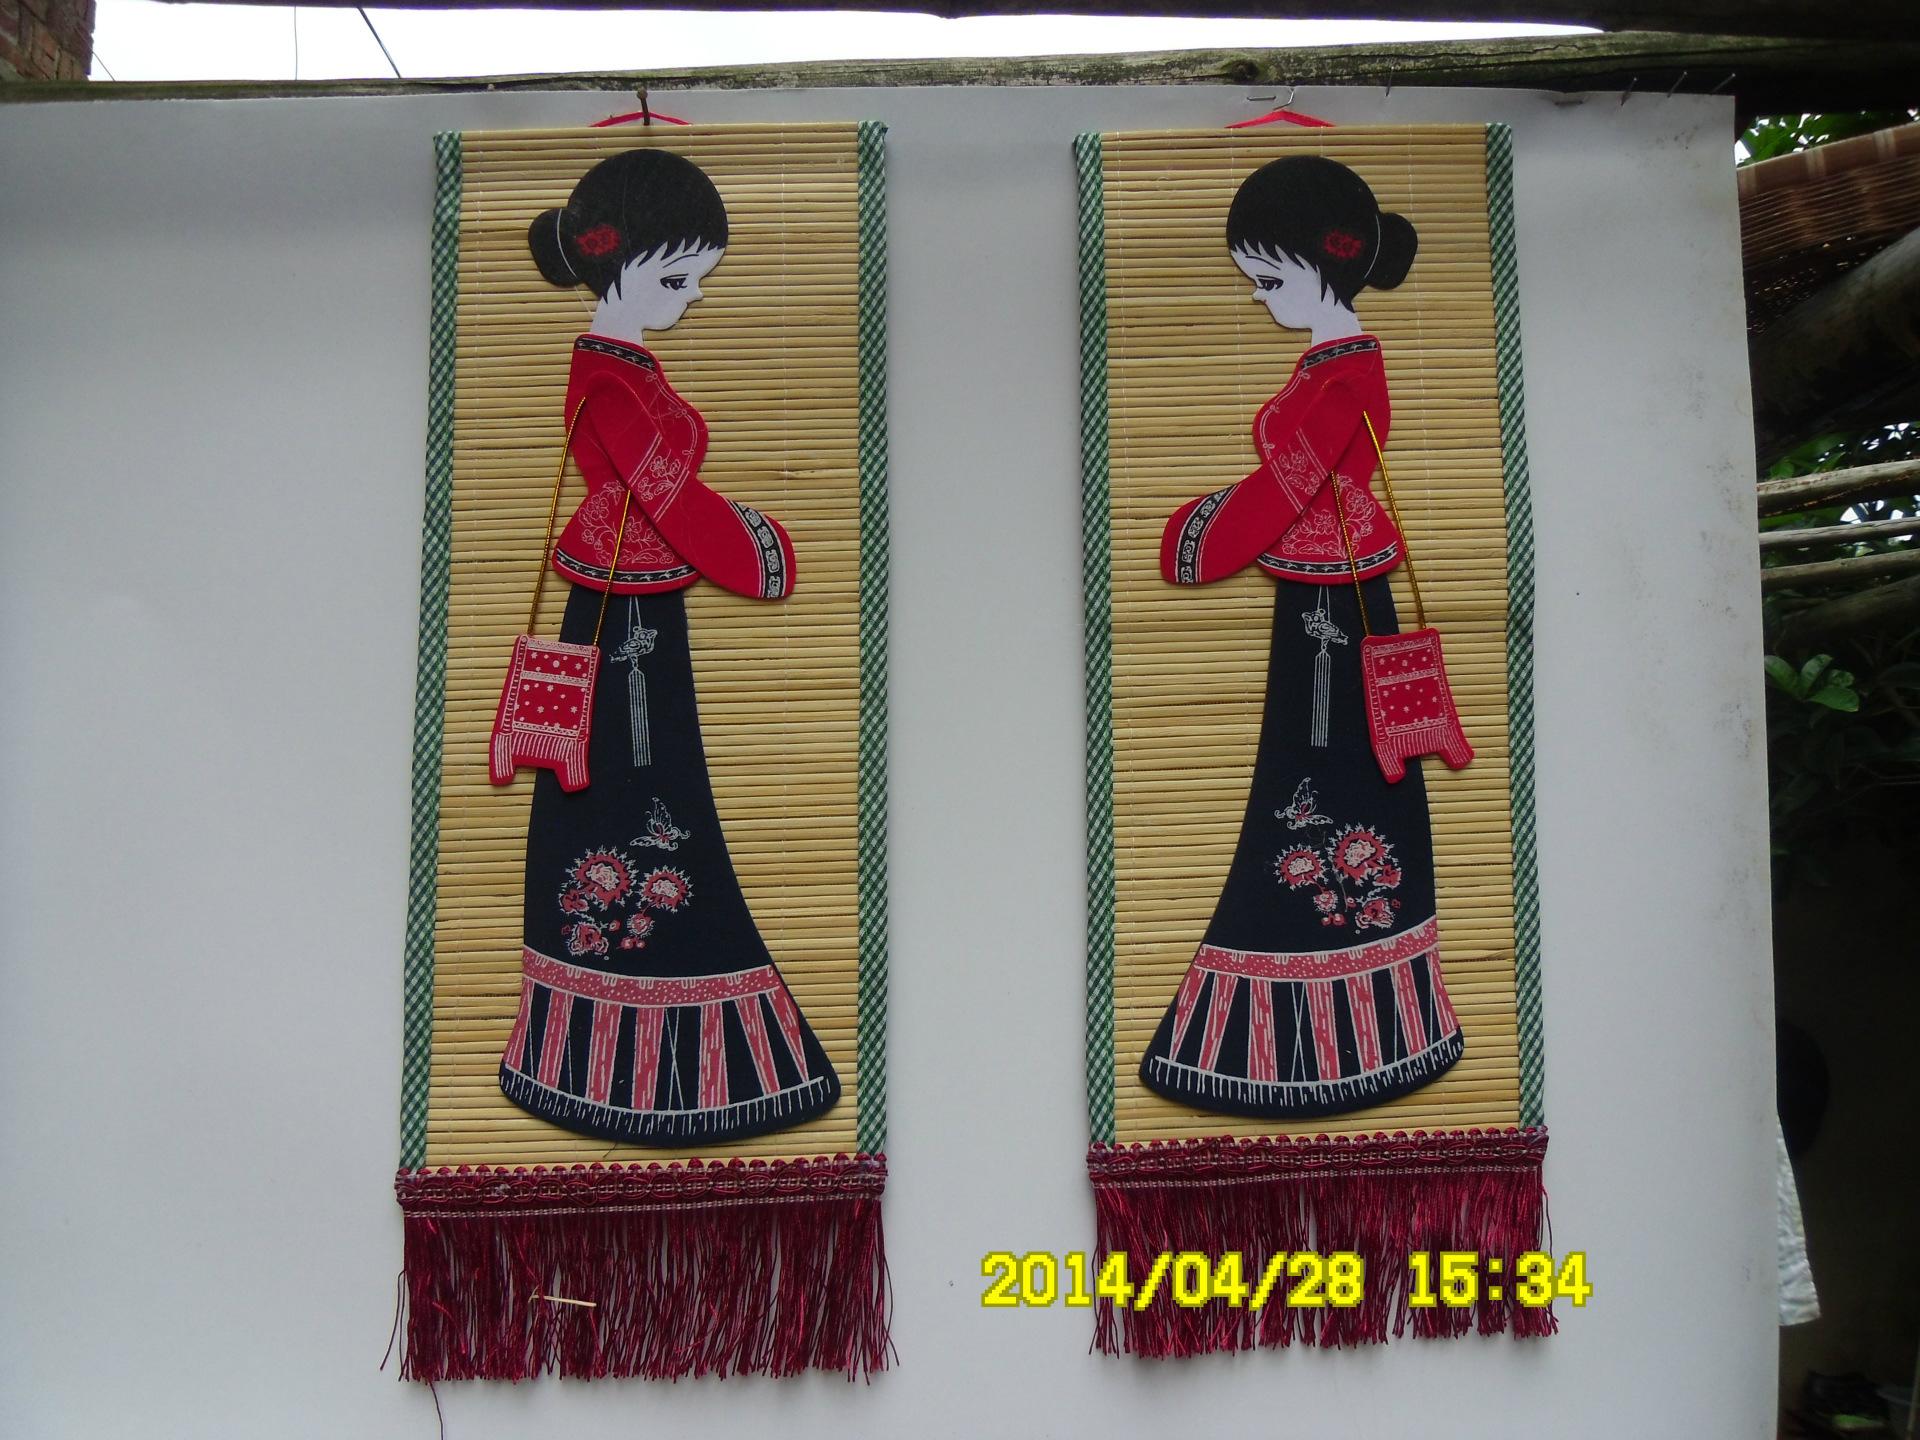 竹帘画 布贴画 挂画 少数民族工艺品,壁挂 -价格,厂家,图片,木质